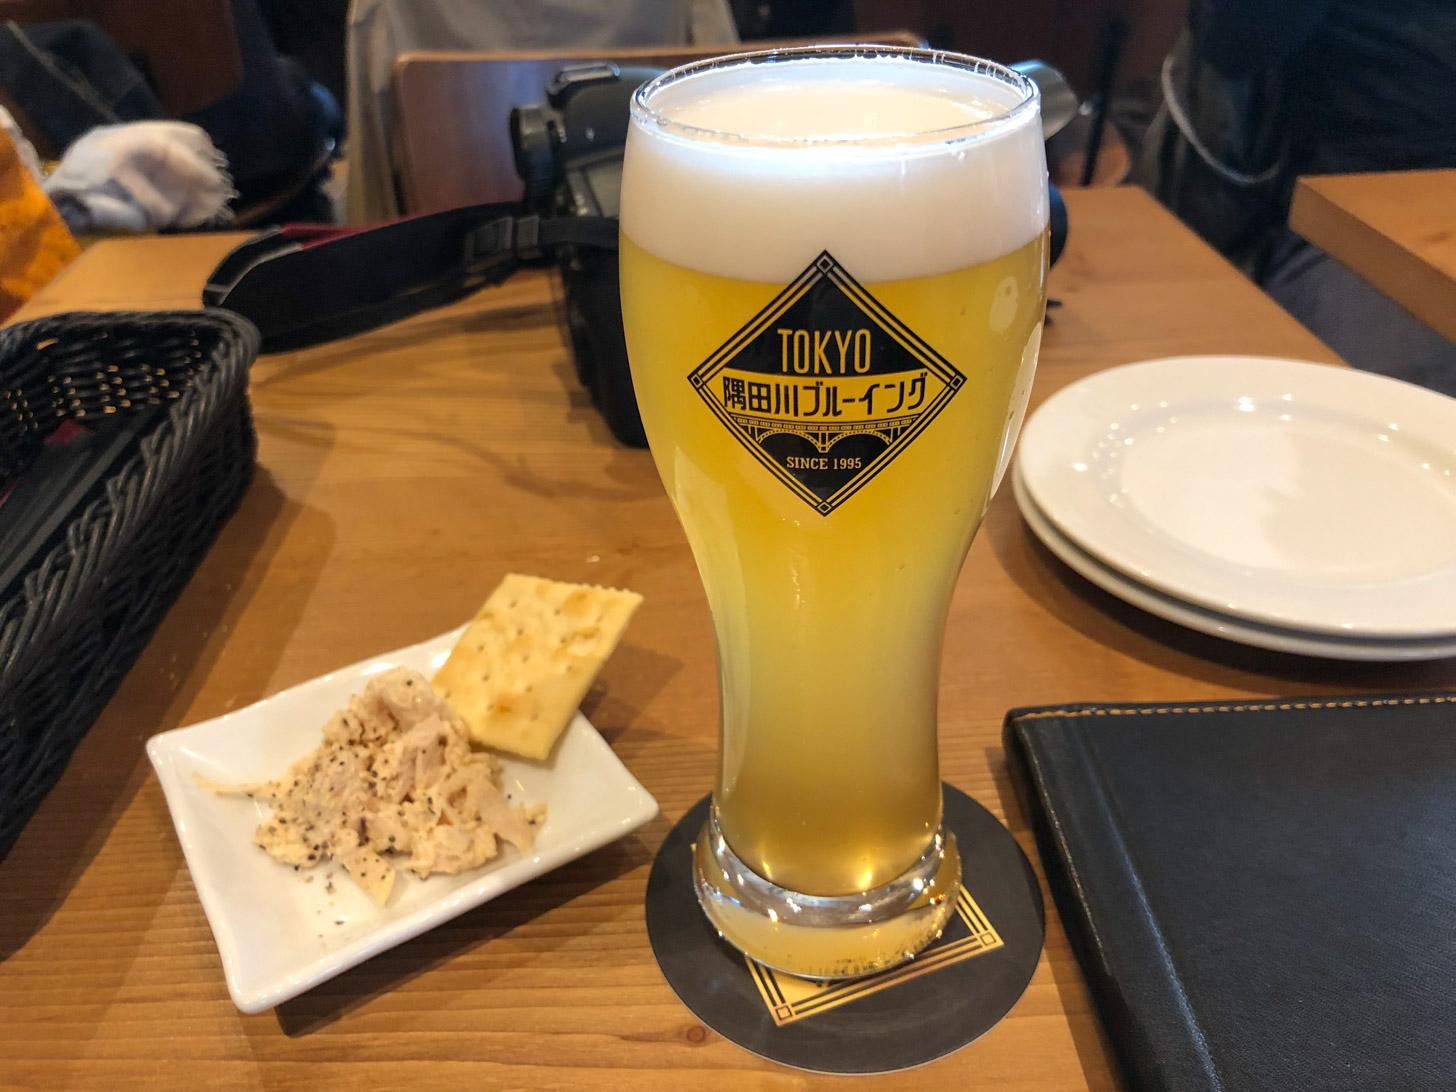 Alcoholische dranken zoals bier